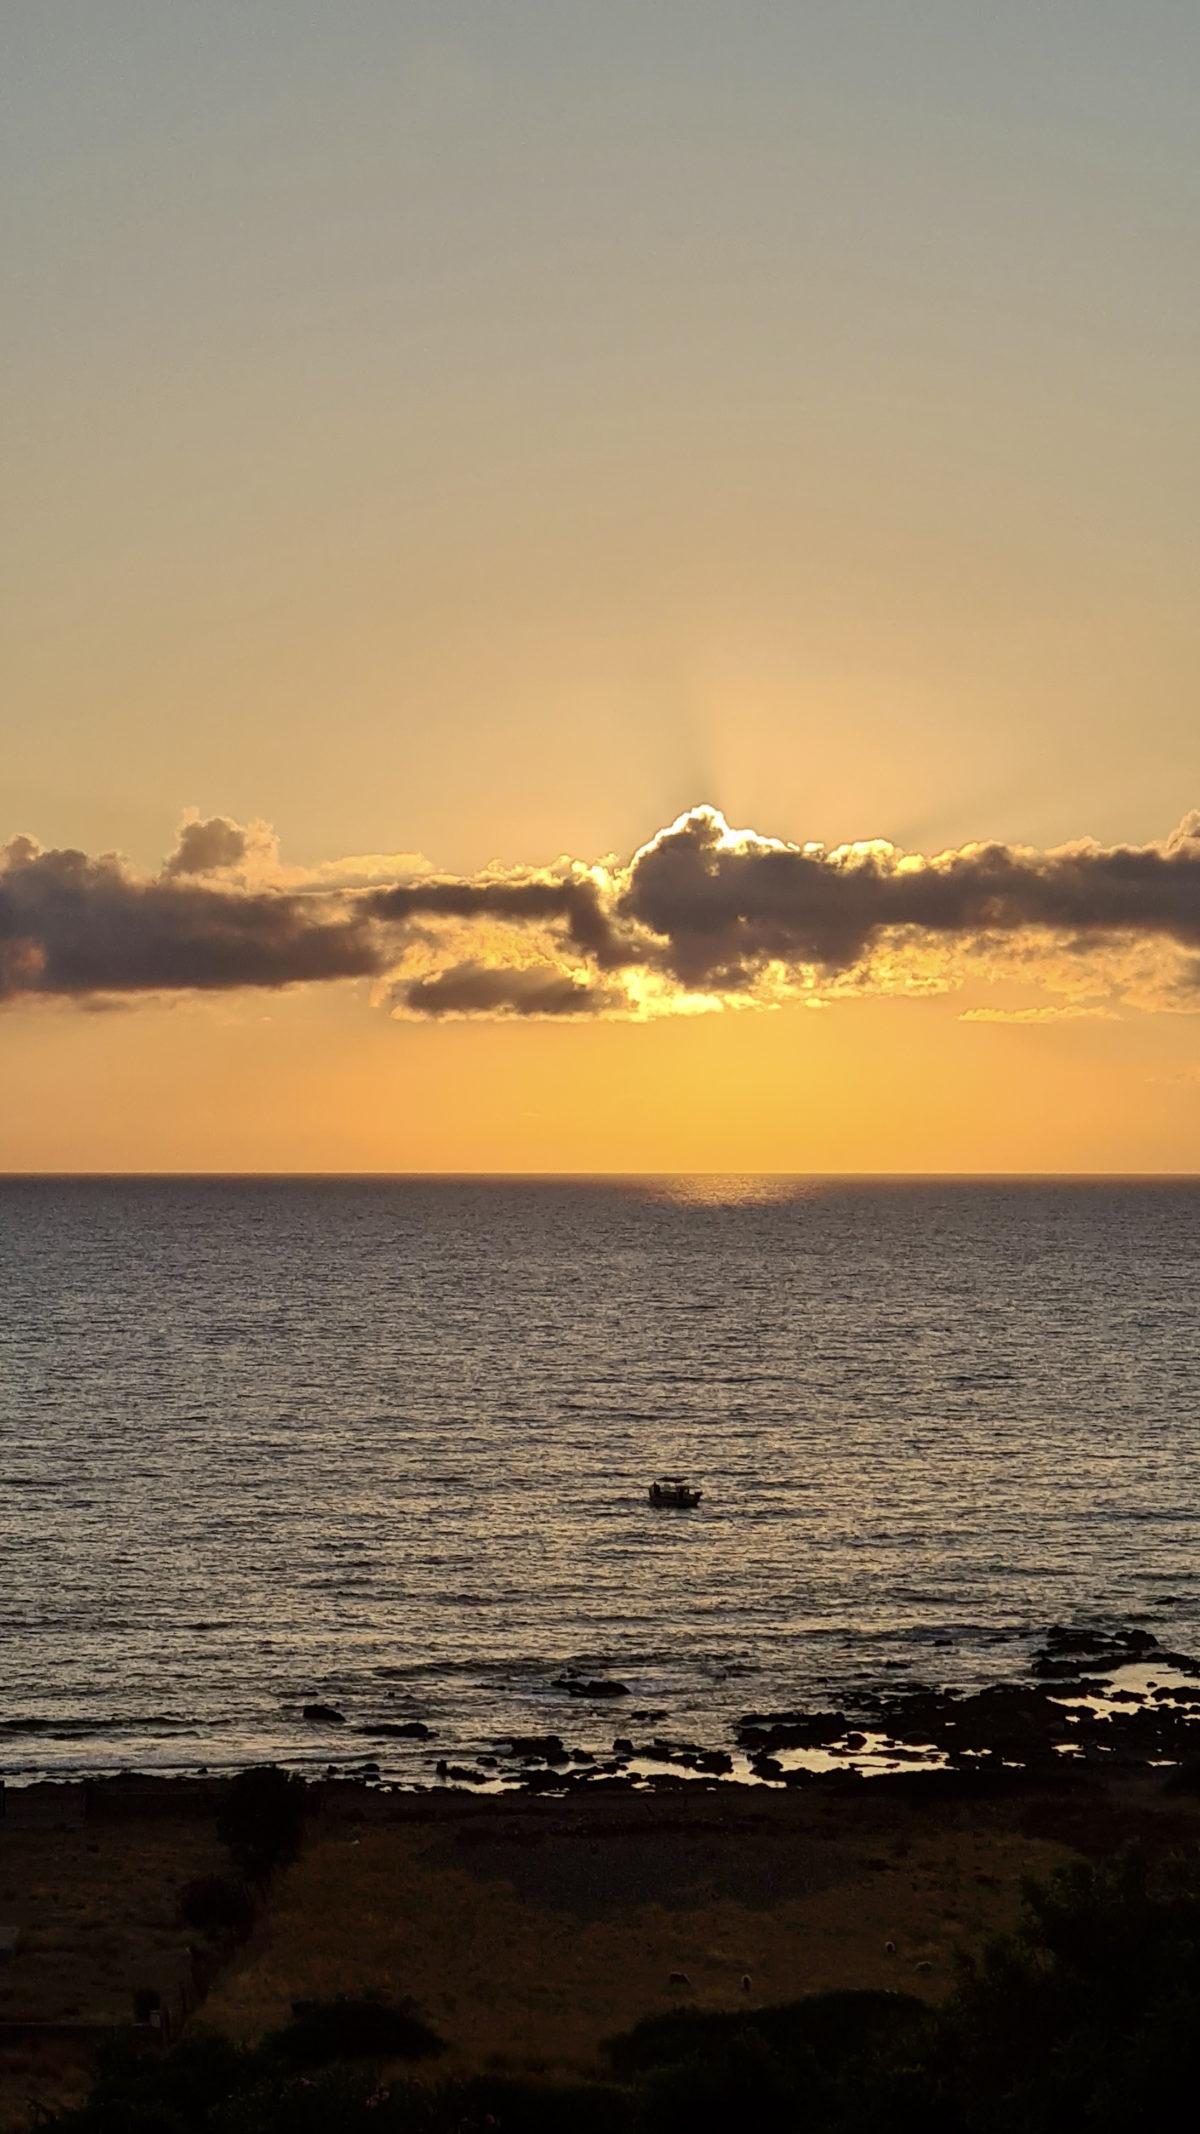 Crete sunset 2021 by Ingemar Pongratz